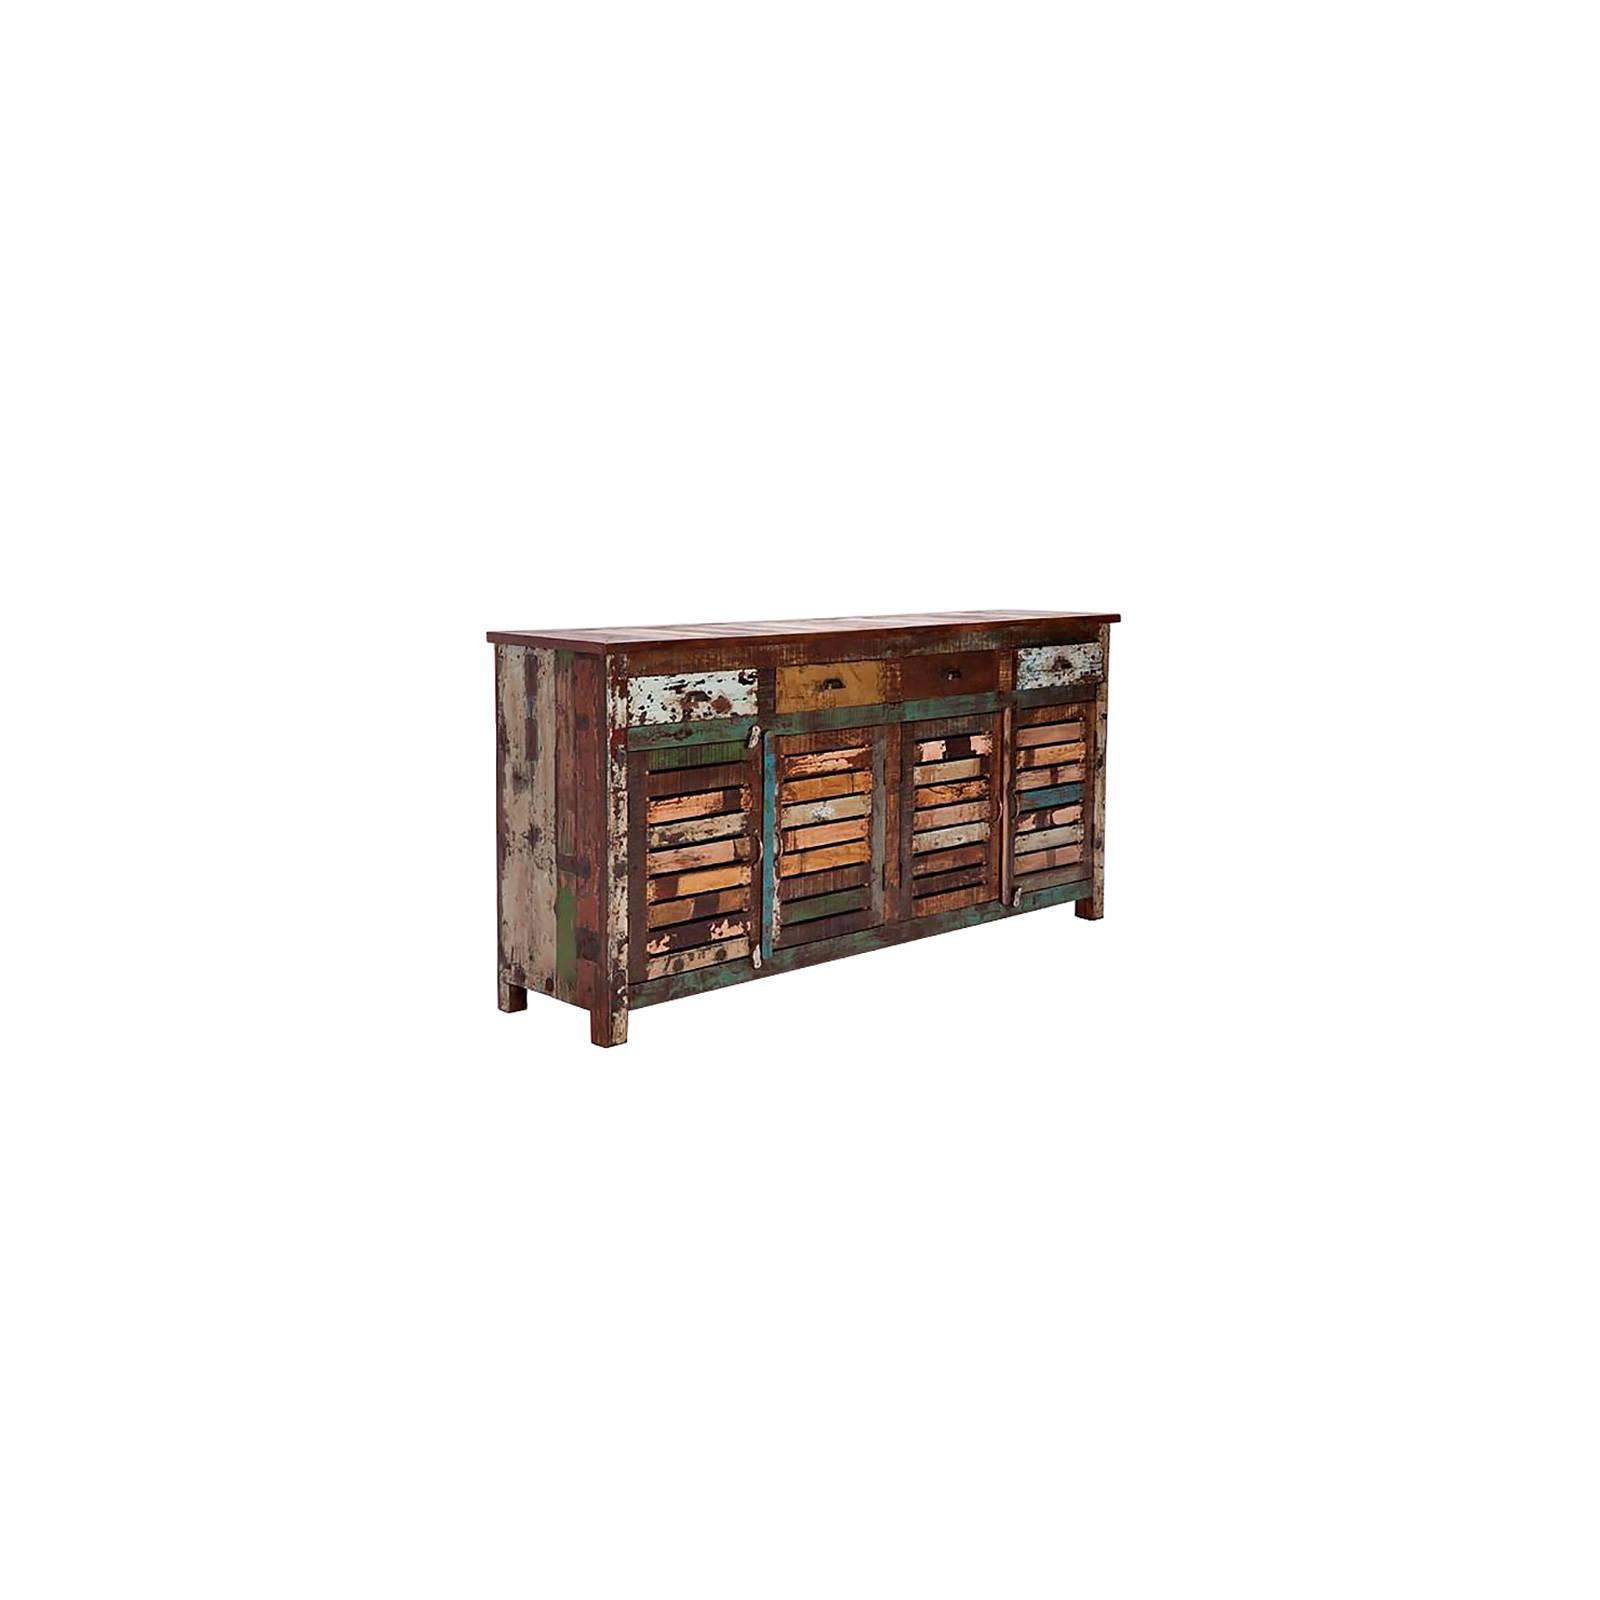 Buffet Bas Teck Origine. Achat de meuble en bois recyclé.